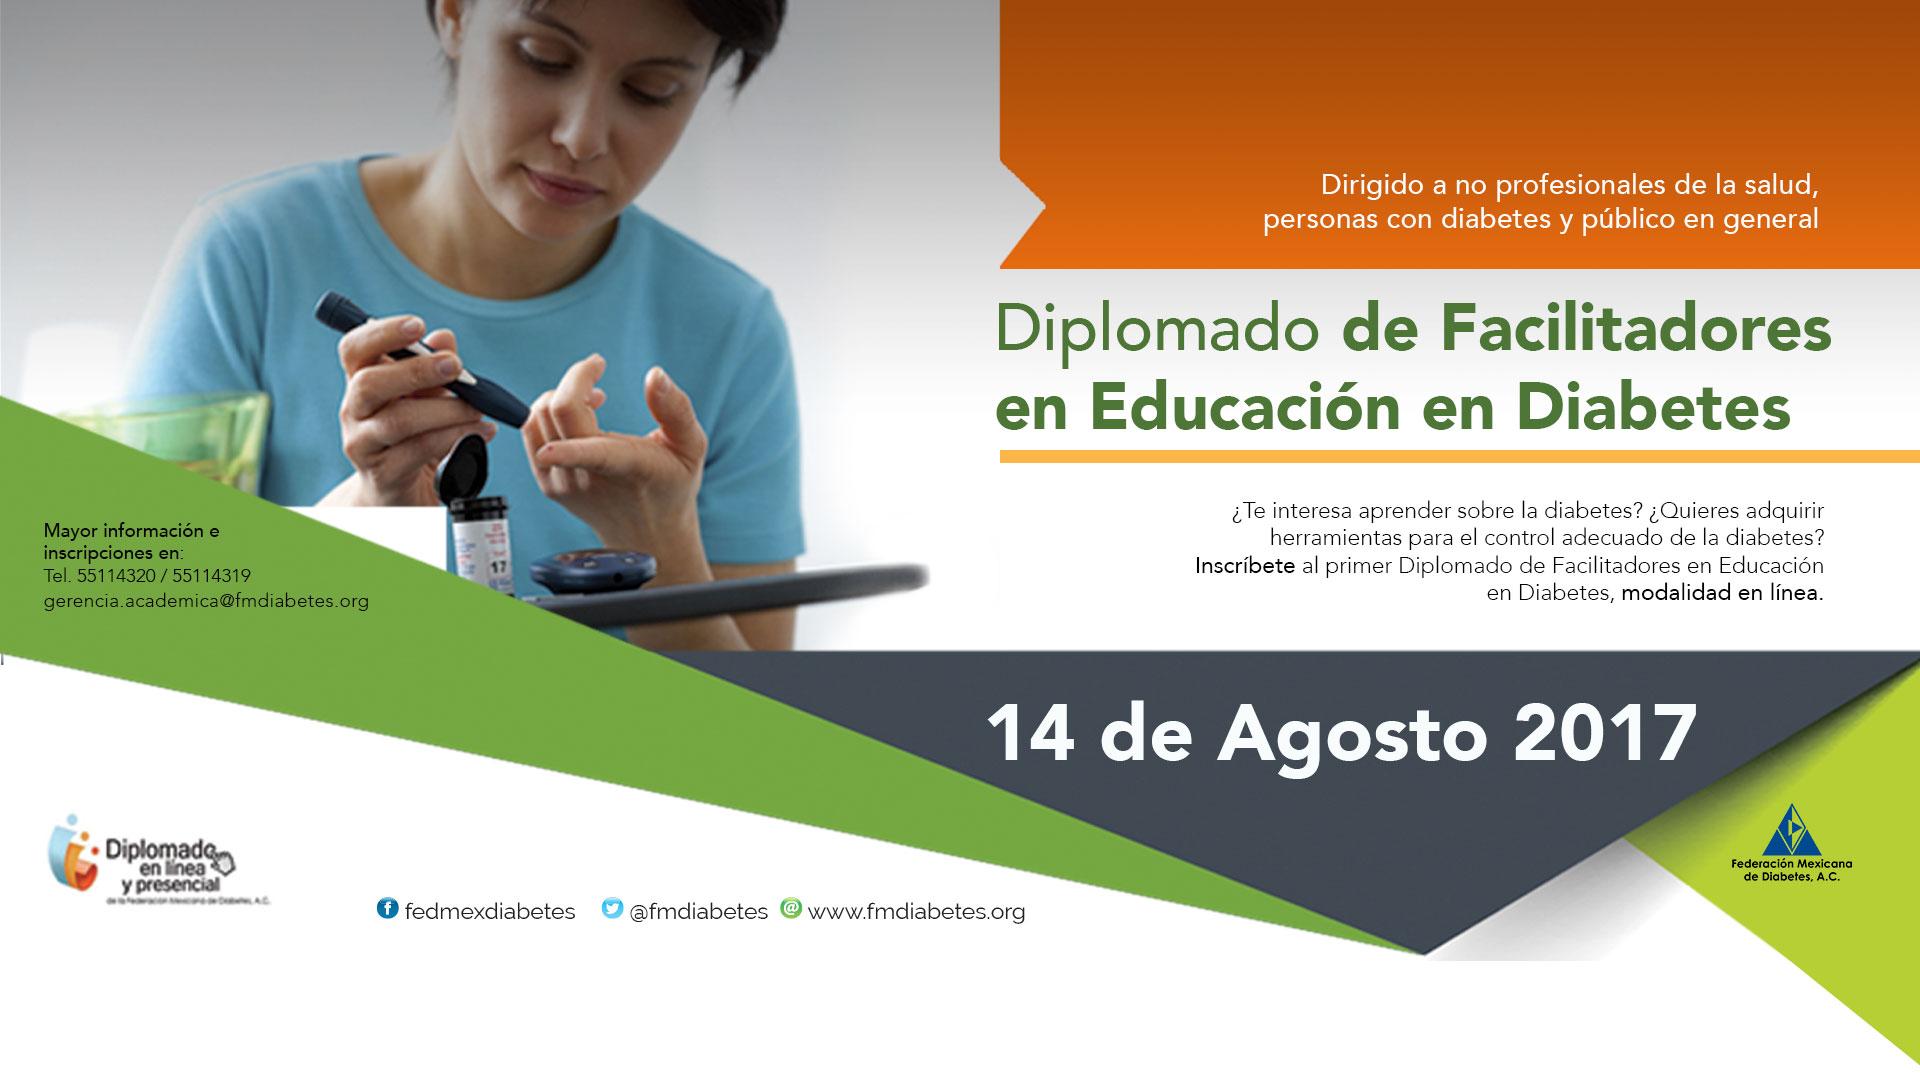 Federación Mexicana de Diabetes – DIPLOMADO DE